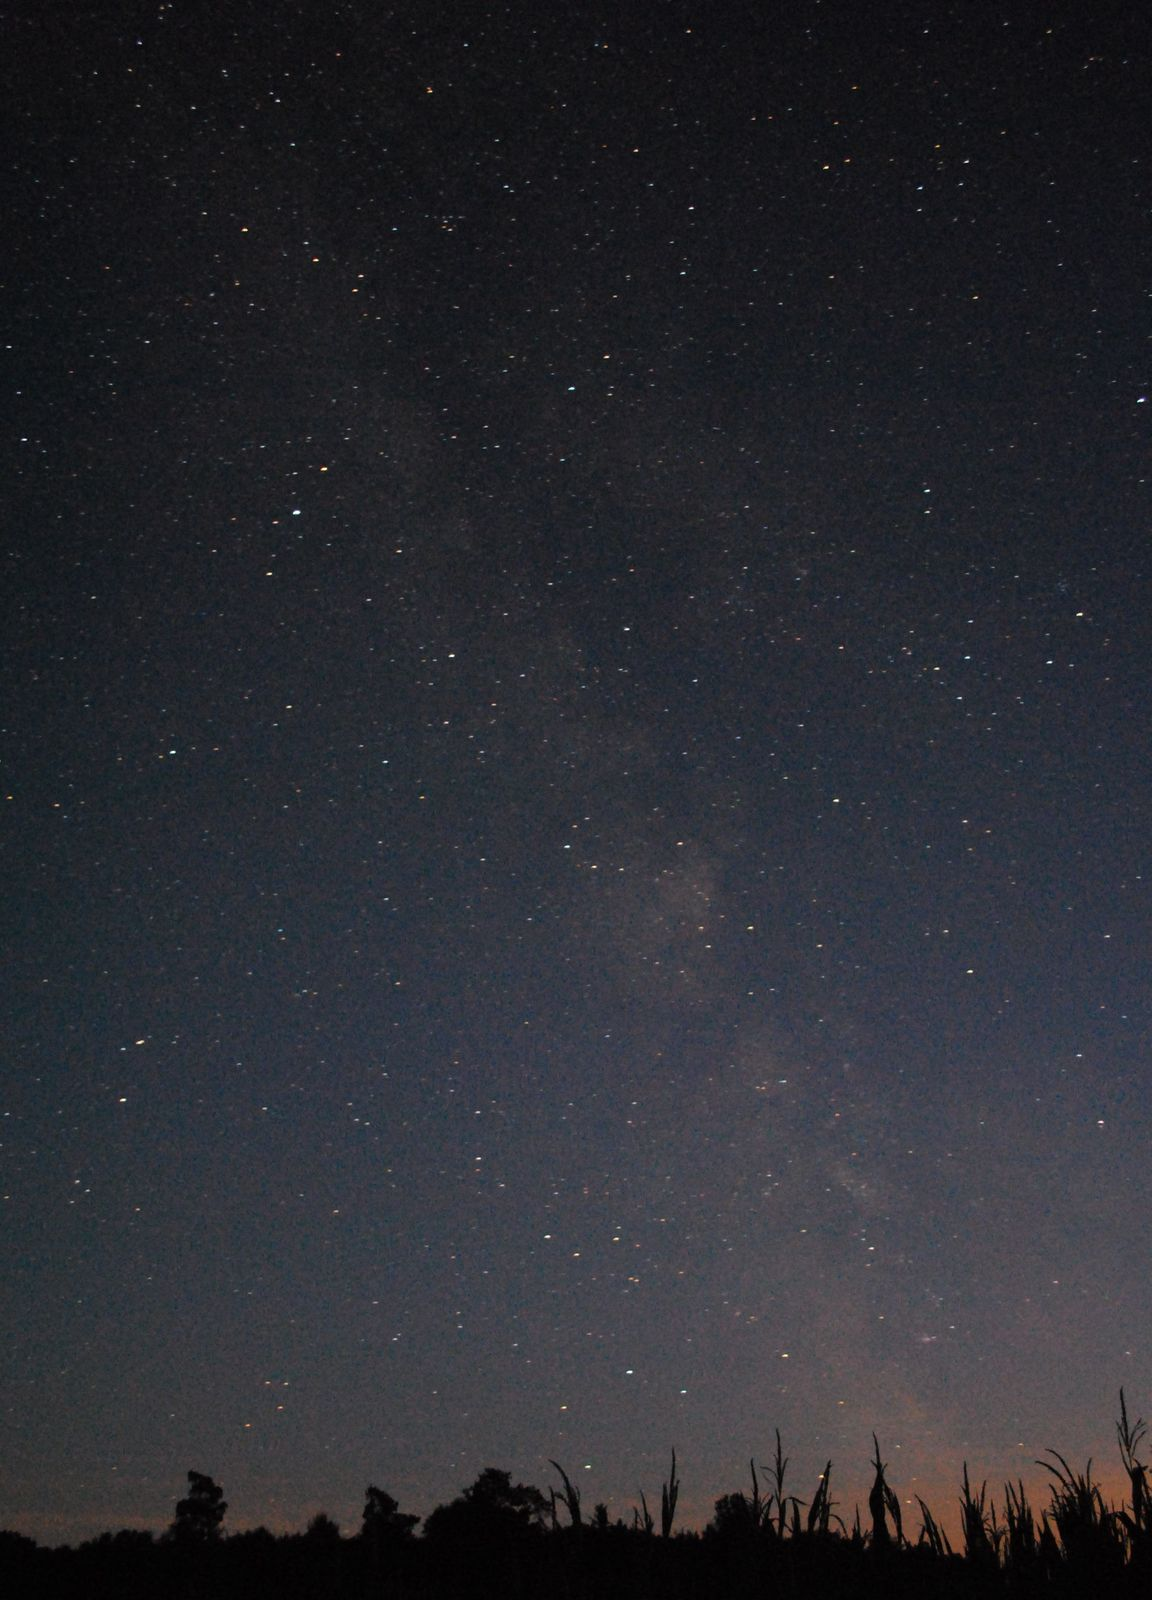 Die Milchstraße taucht im Hessischen Kegelspiel in der Rhön auf und ermöglicht Astronomie und einen Blick auf Deepsky-Objekte wie Galaxien Nebel und Sternhaufen